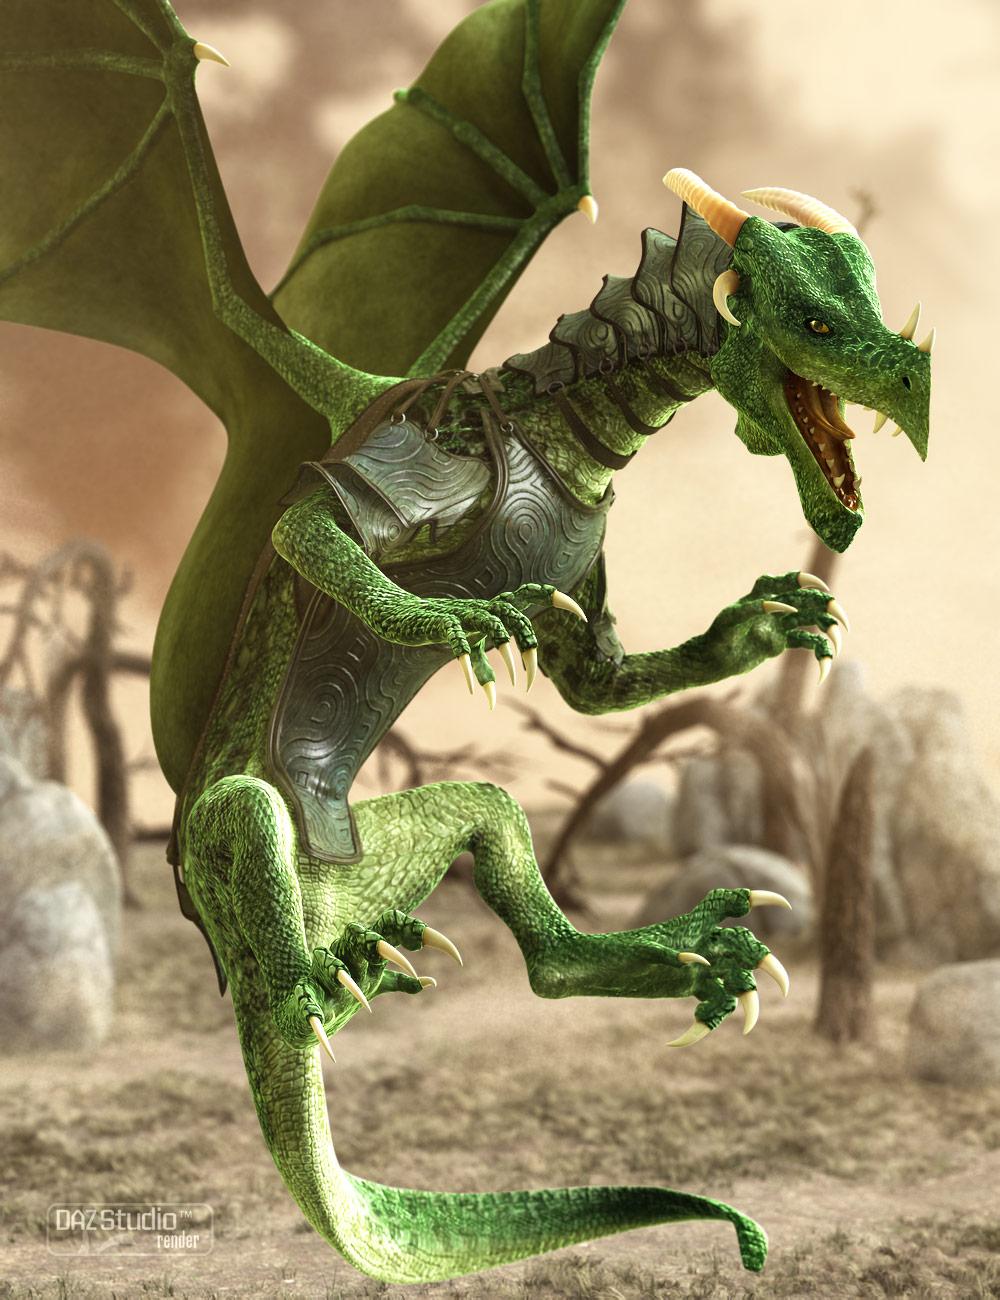 DAZ Dragon 3 Pro Bundle by: , 3D Models by Daz 3D